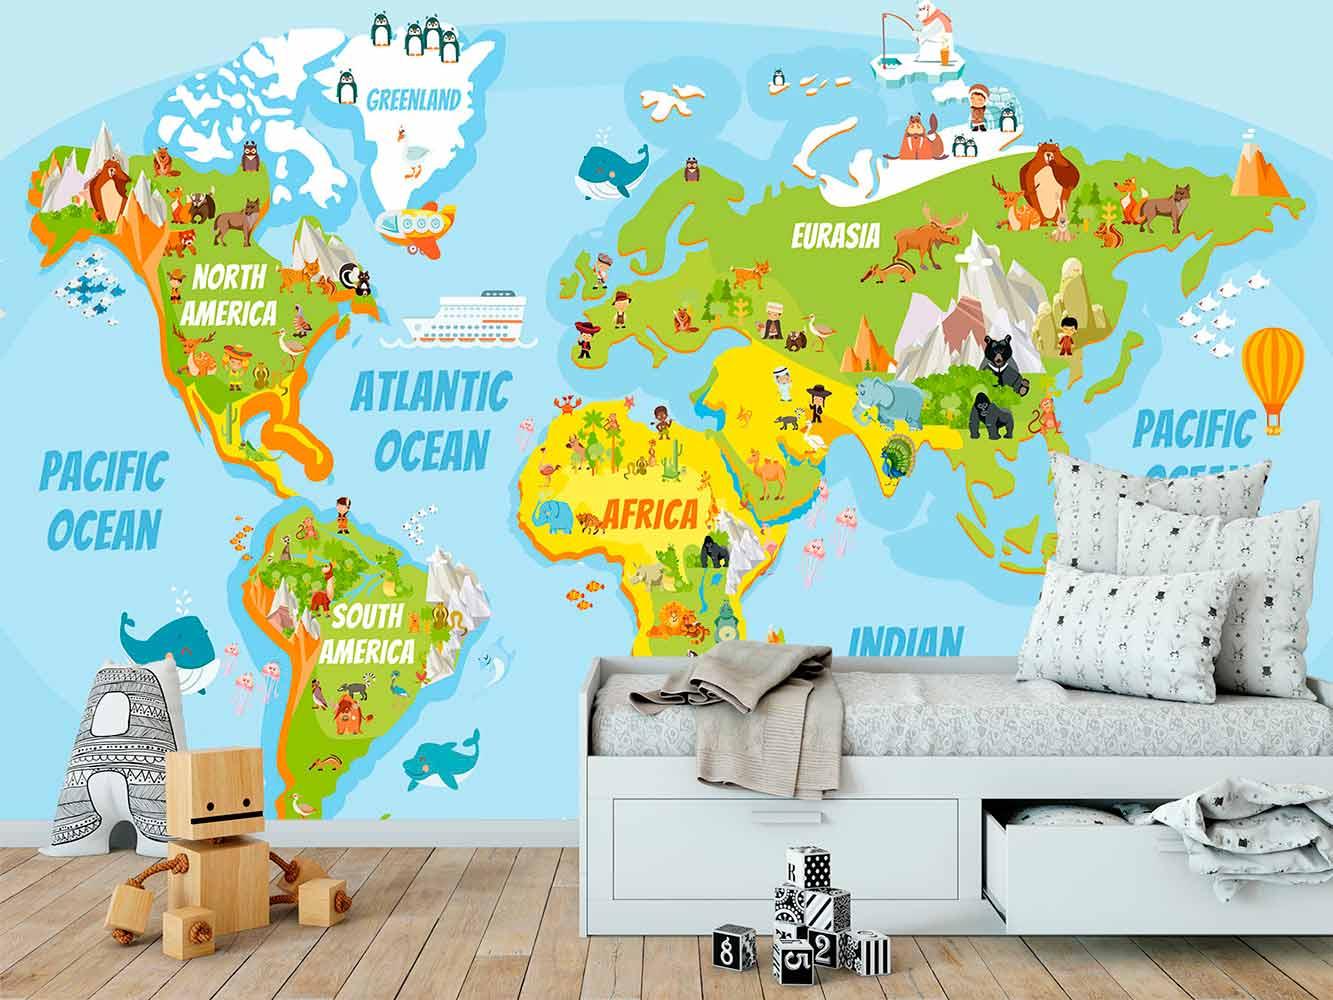 Fotomural Papel Pintado Mapamundi Educativo | Carteles XXL - Impresión carteleria publicitaria